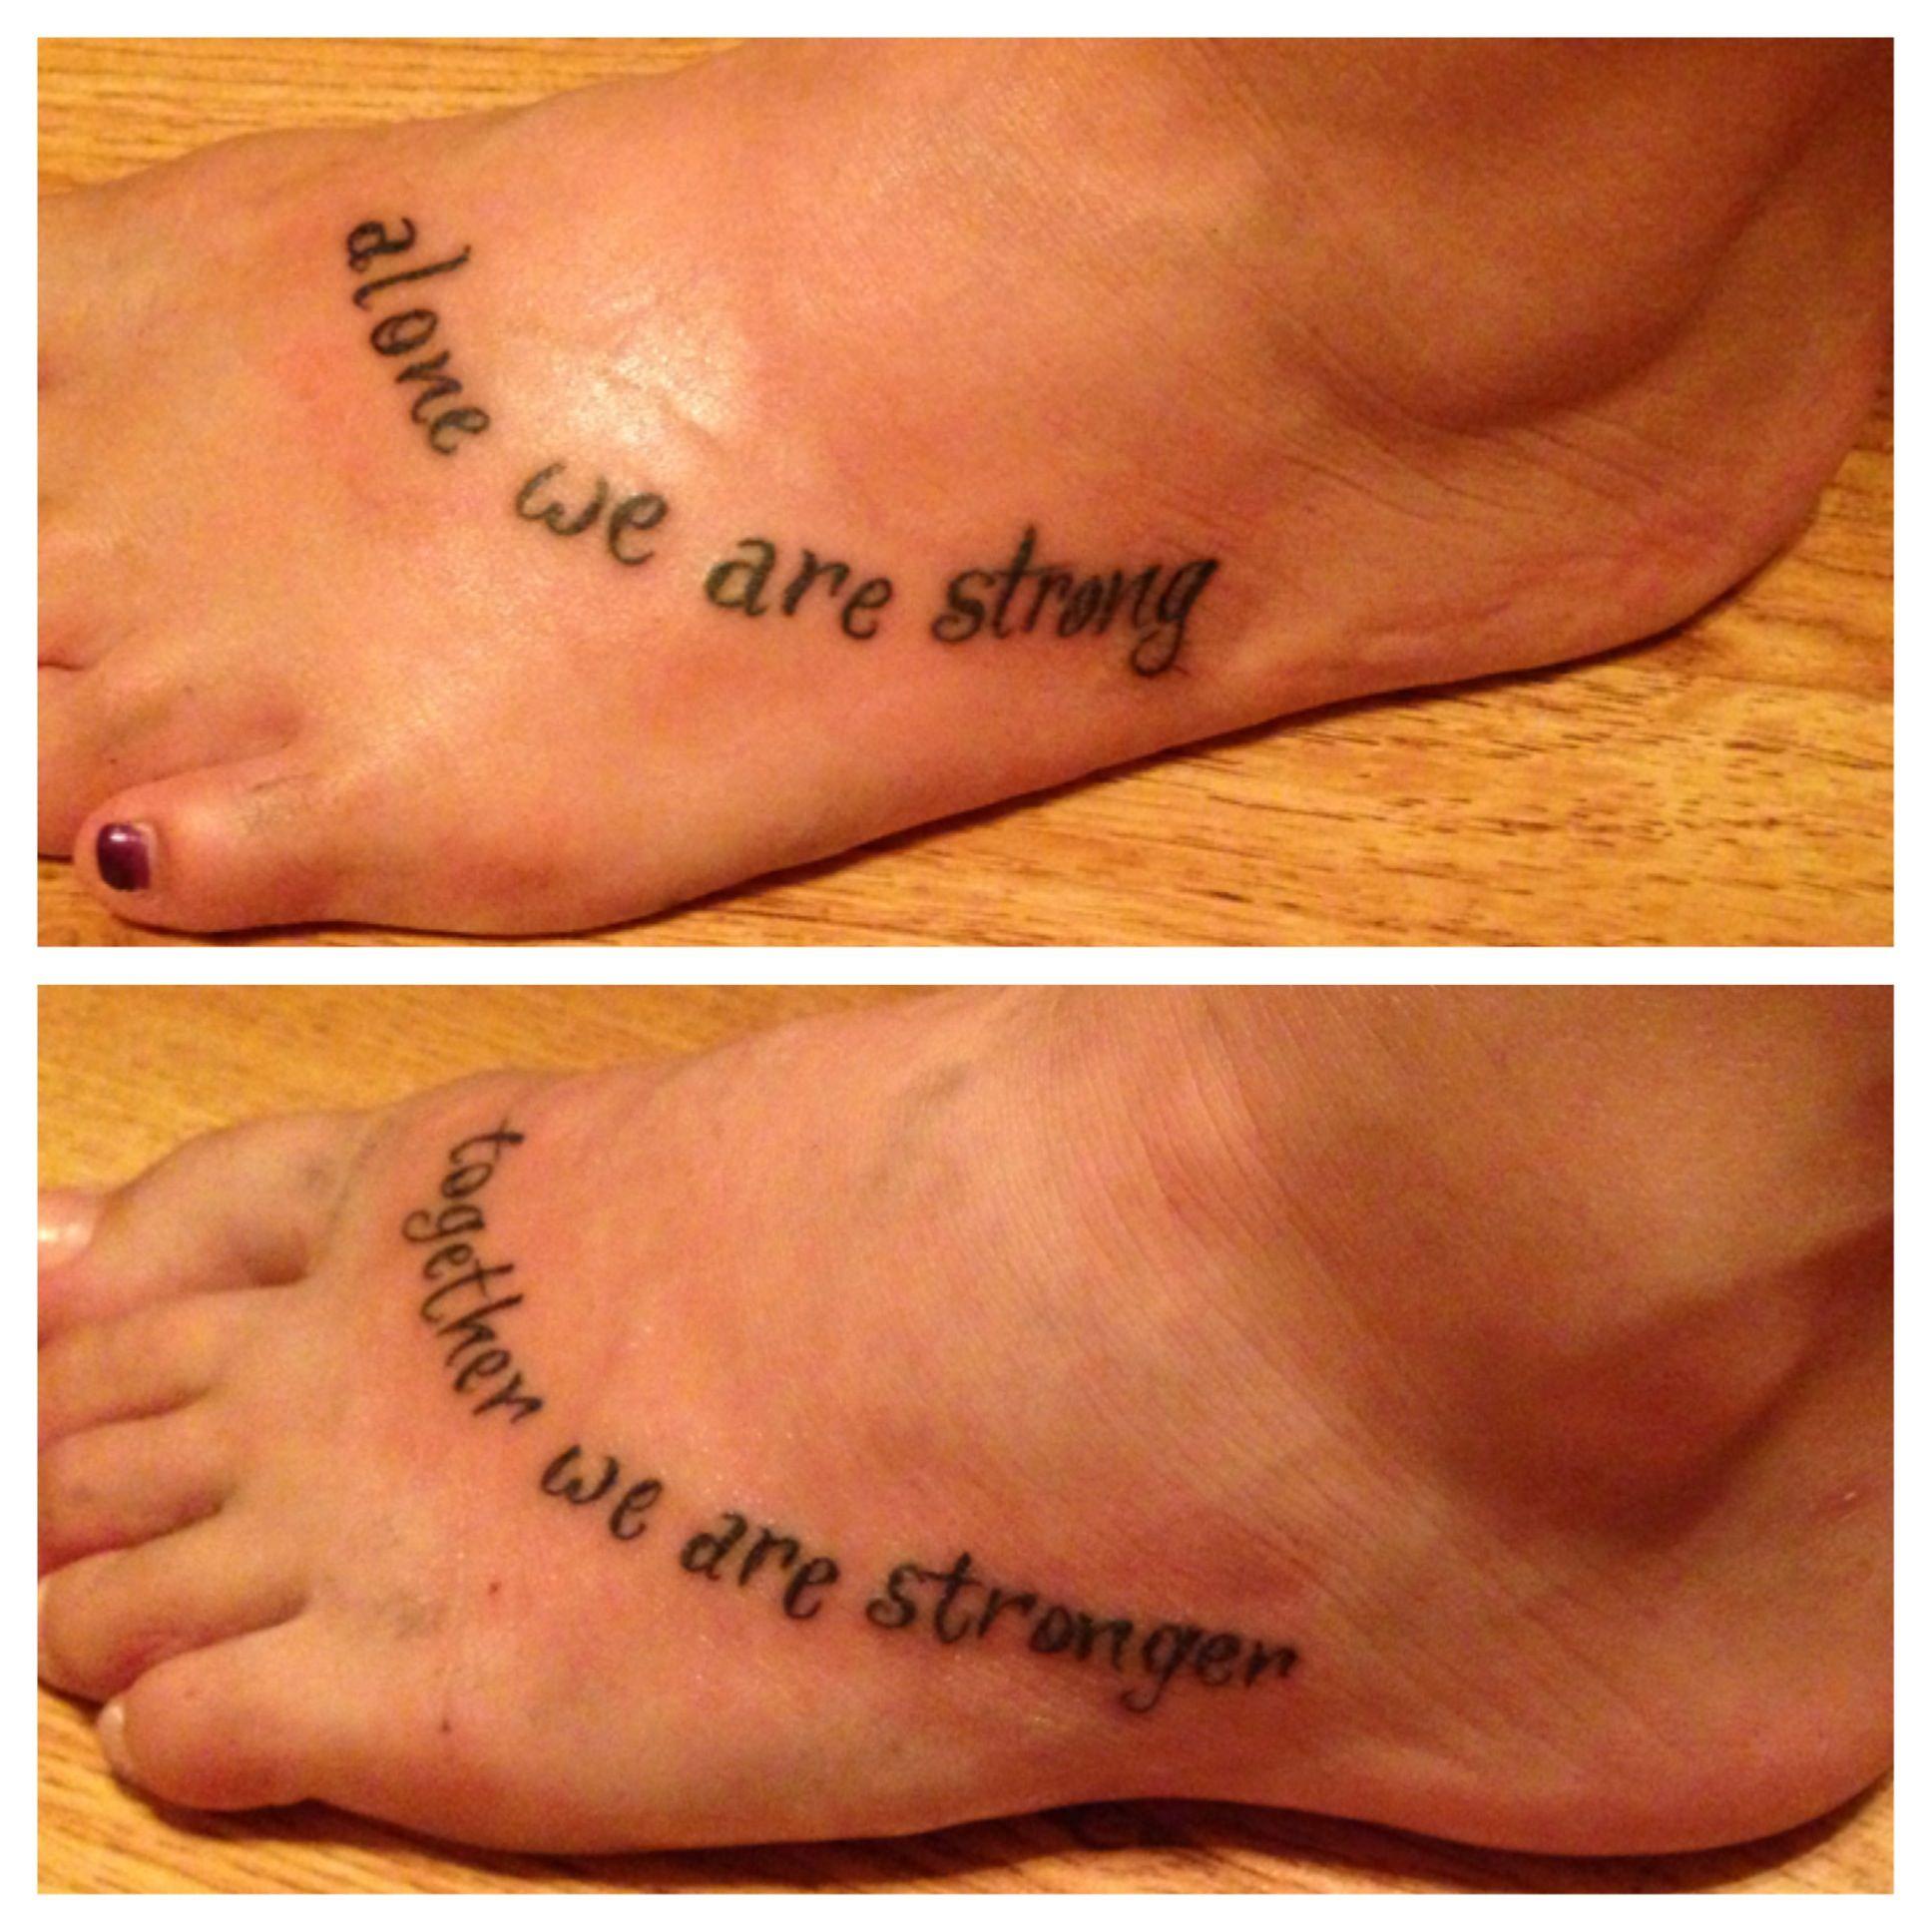 Mine and my best friends friendship tattoo | Tattoos | Pinterest ...